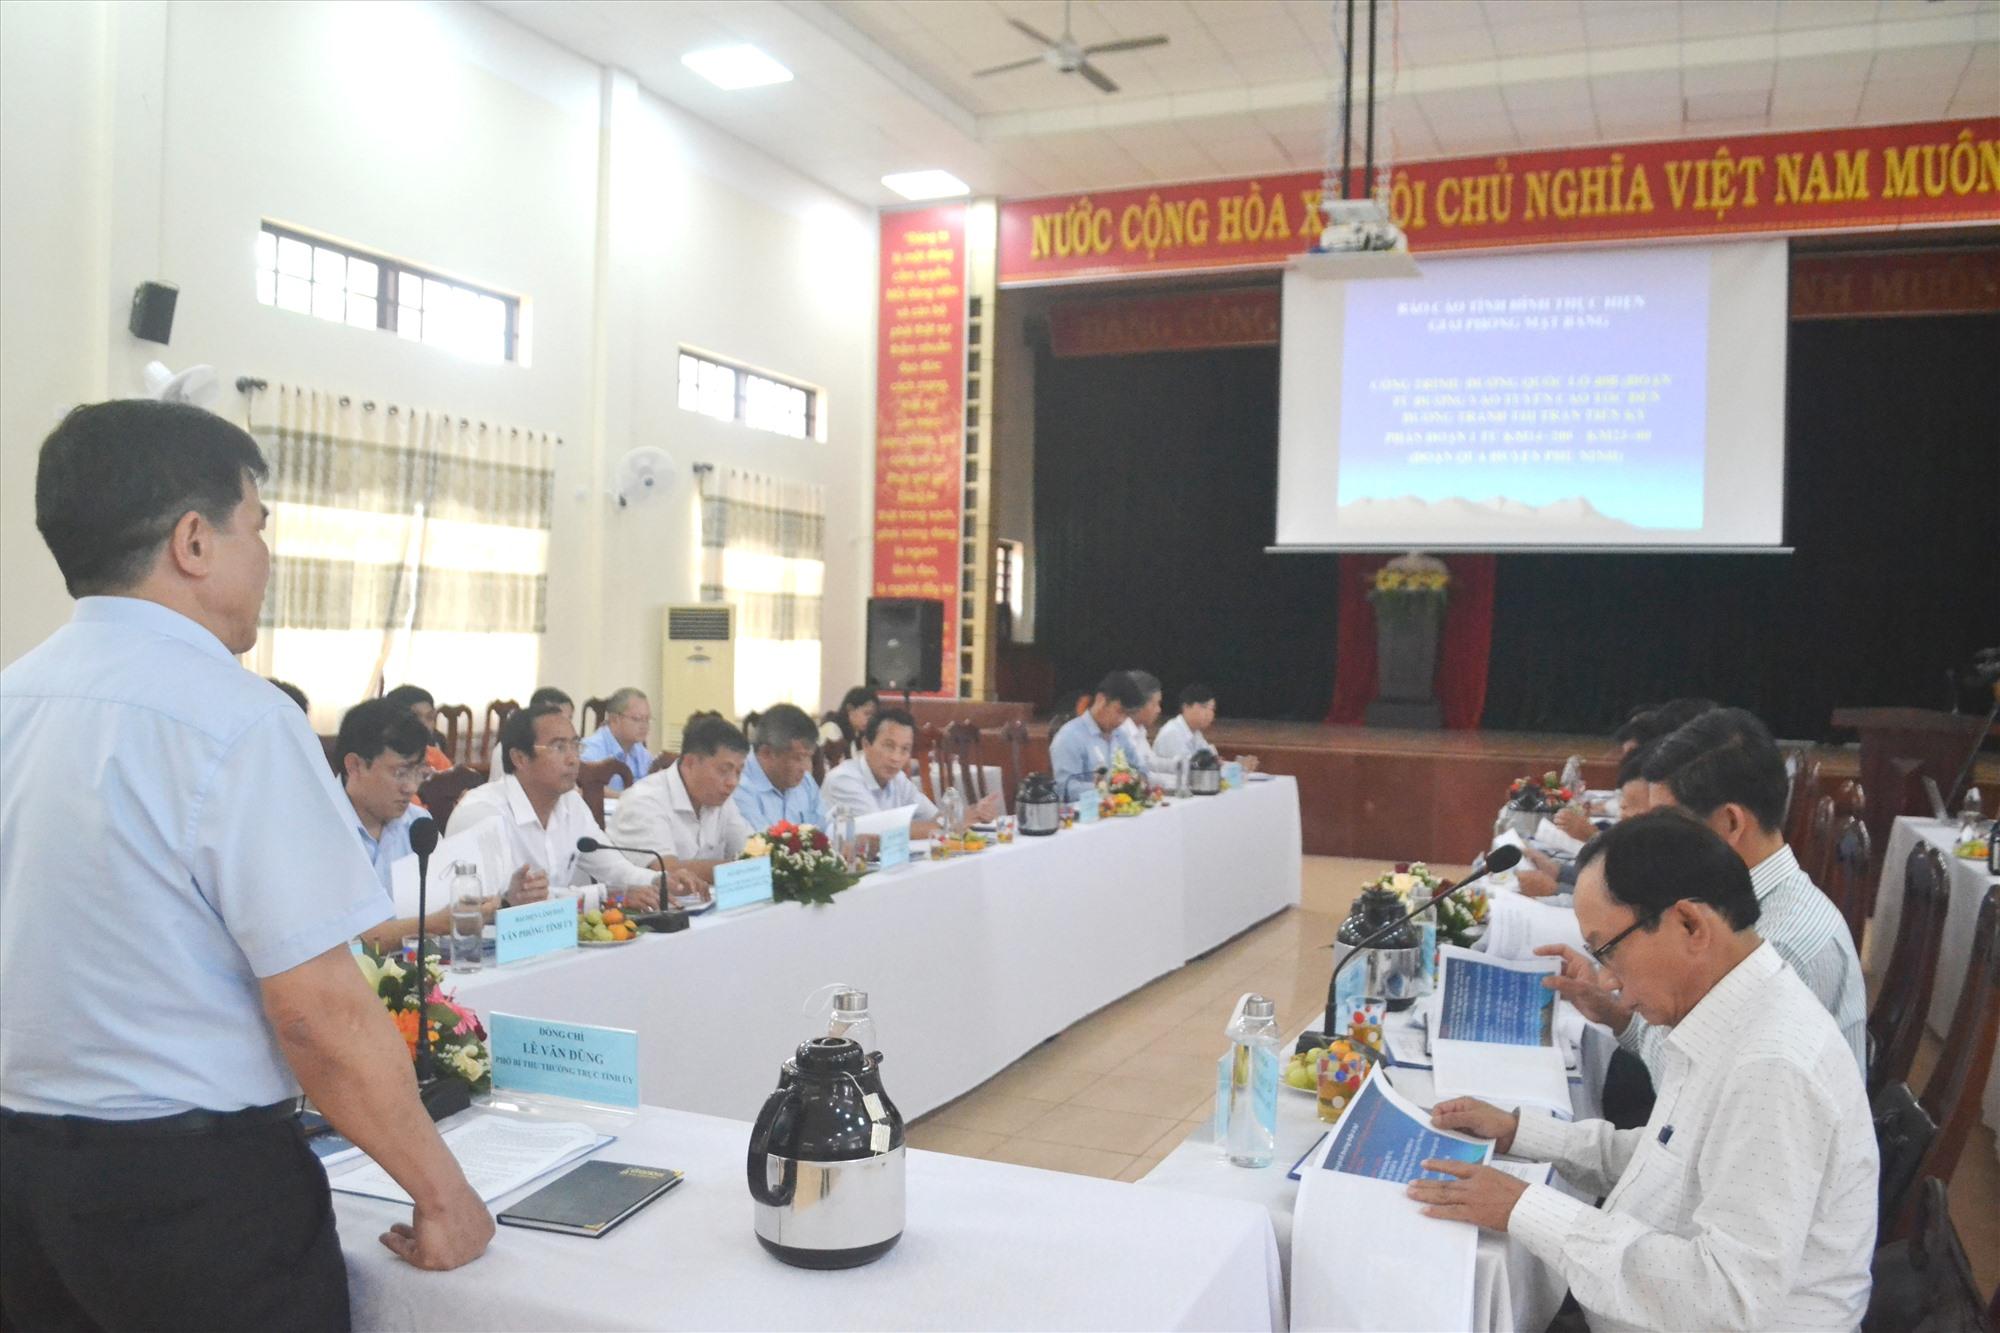 Đồng chí Lê Văn Dũng đề nghị huyện Phú Ninh hoàn thành GPMB theo thời hạn đã cam kết. Ảnh: CT